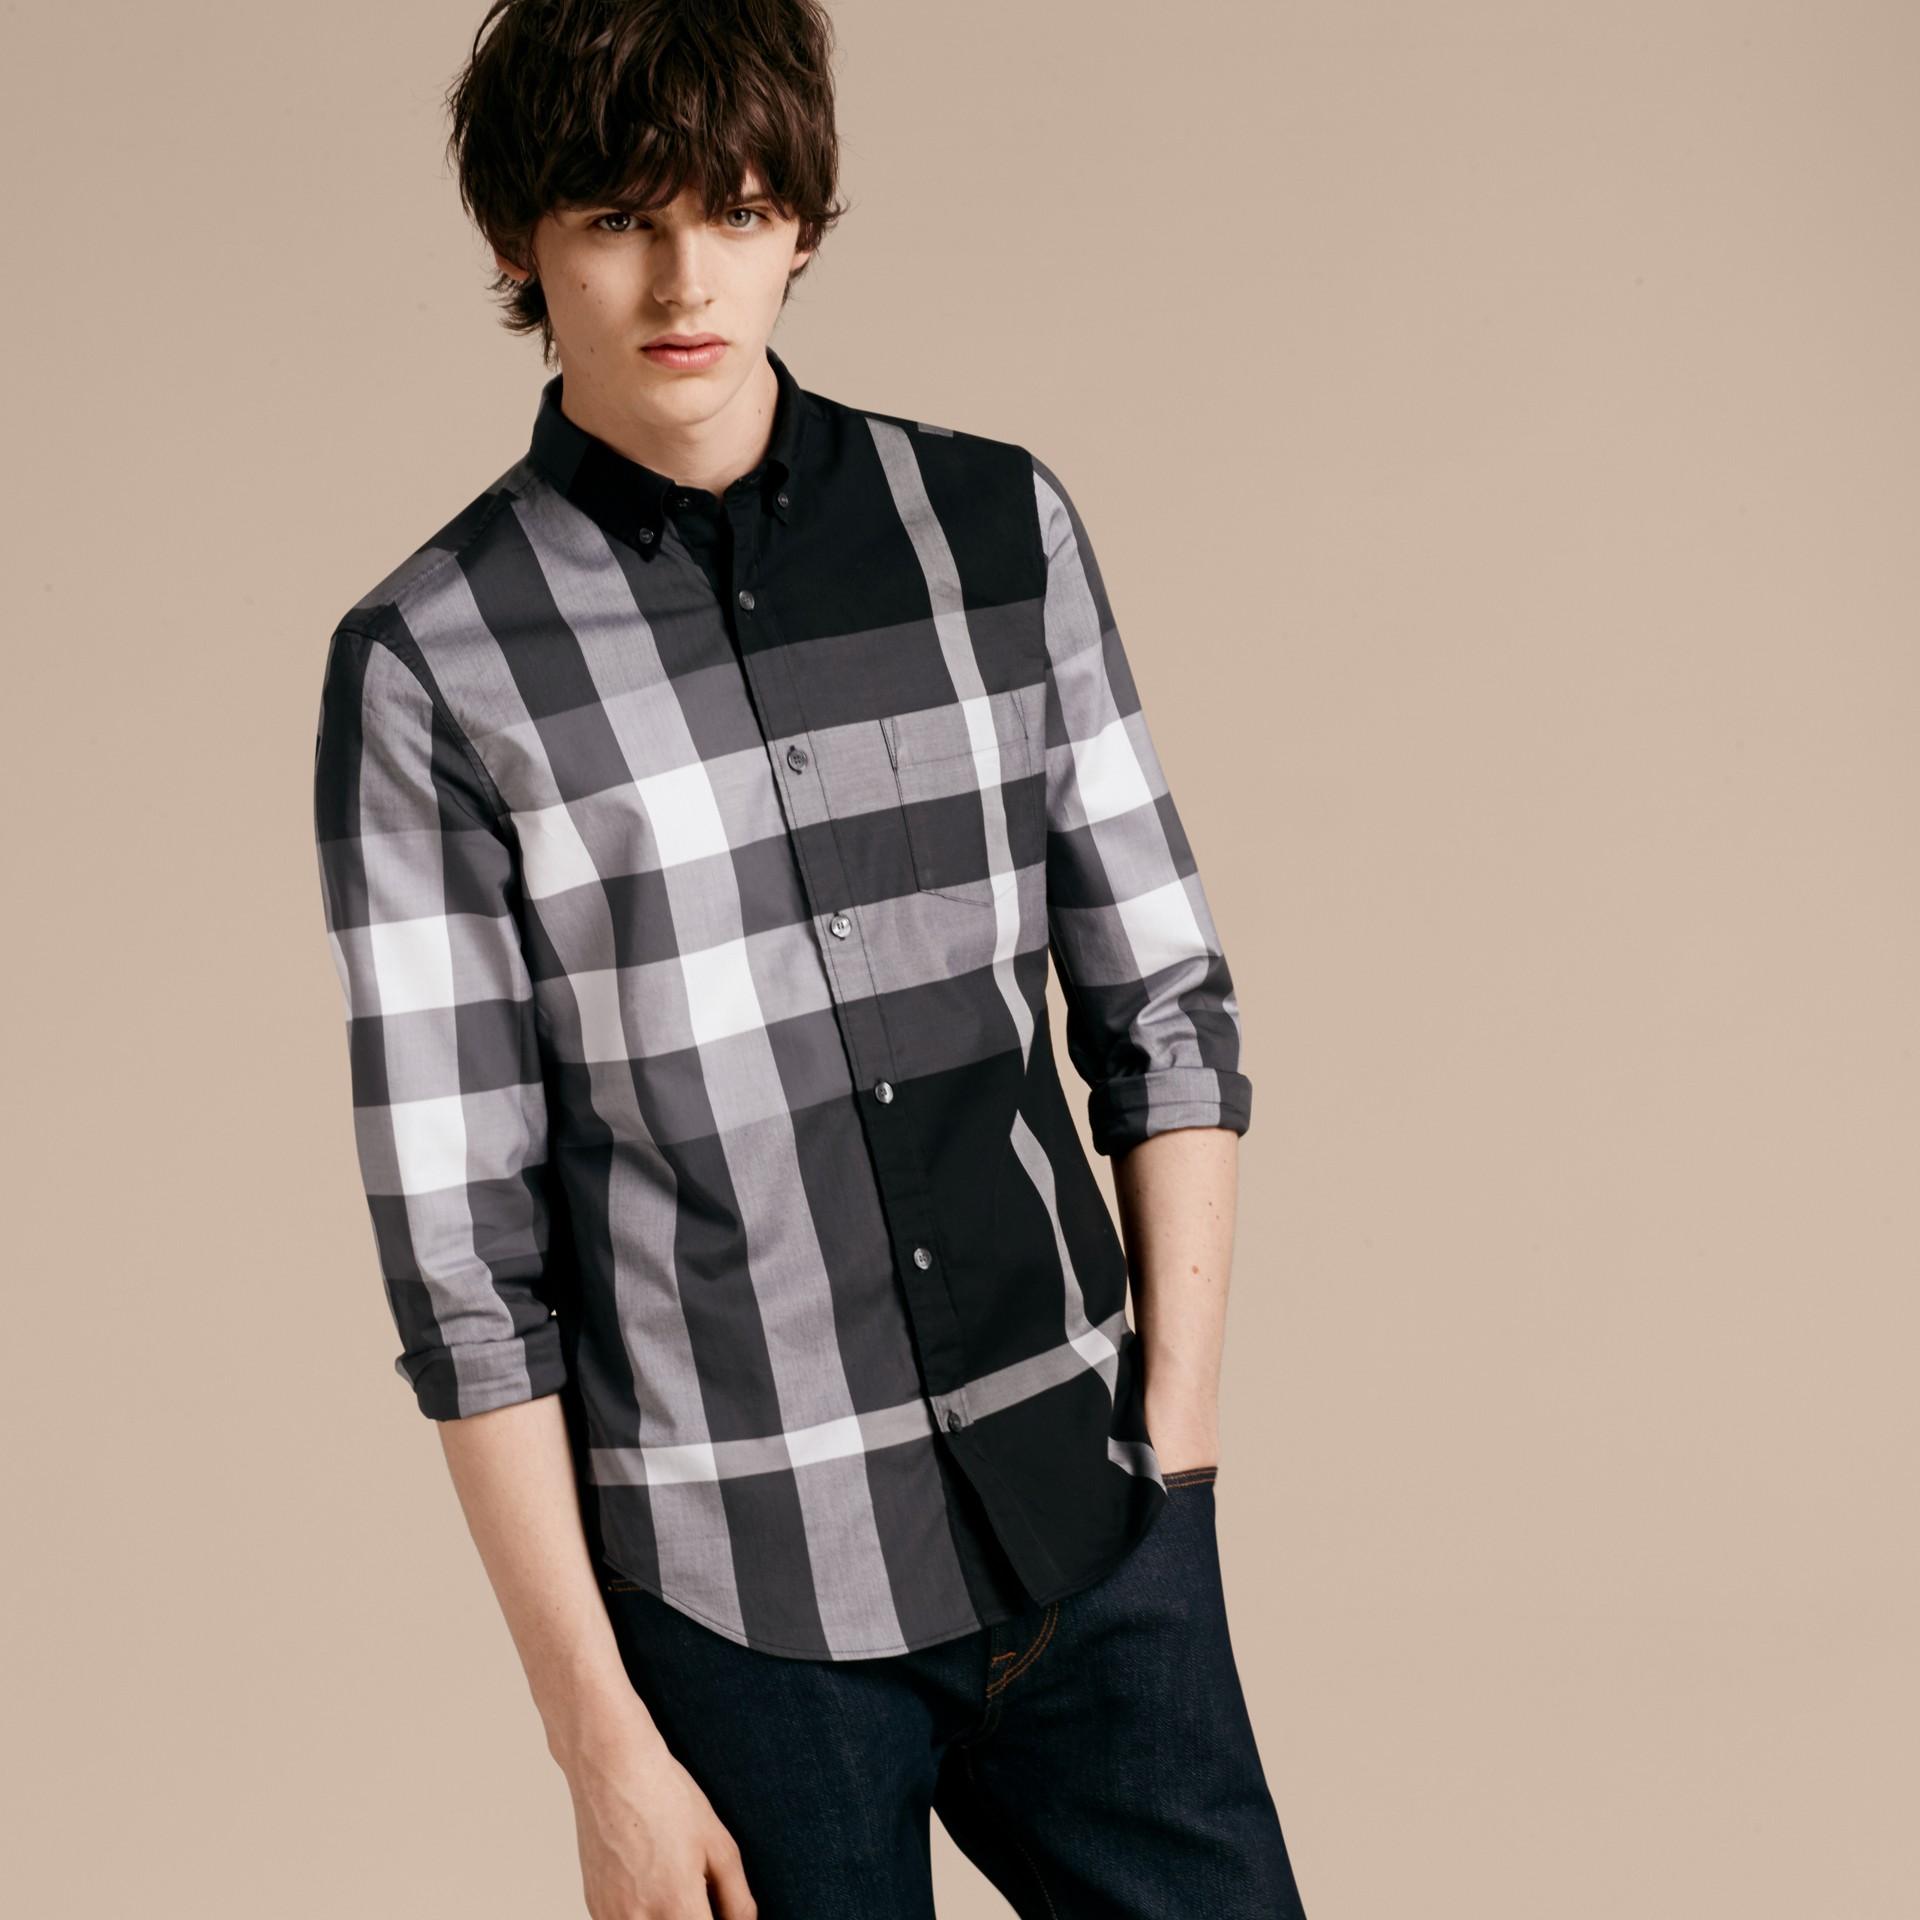 Nero Camicia in cotone con motivo check Nero - immagine della galleria 6